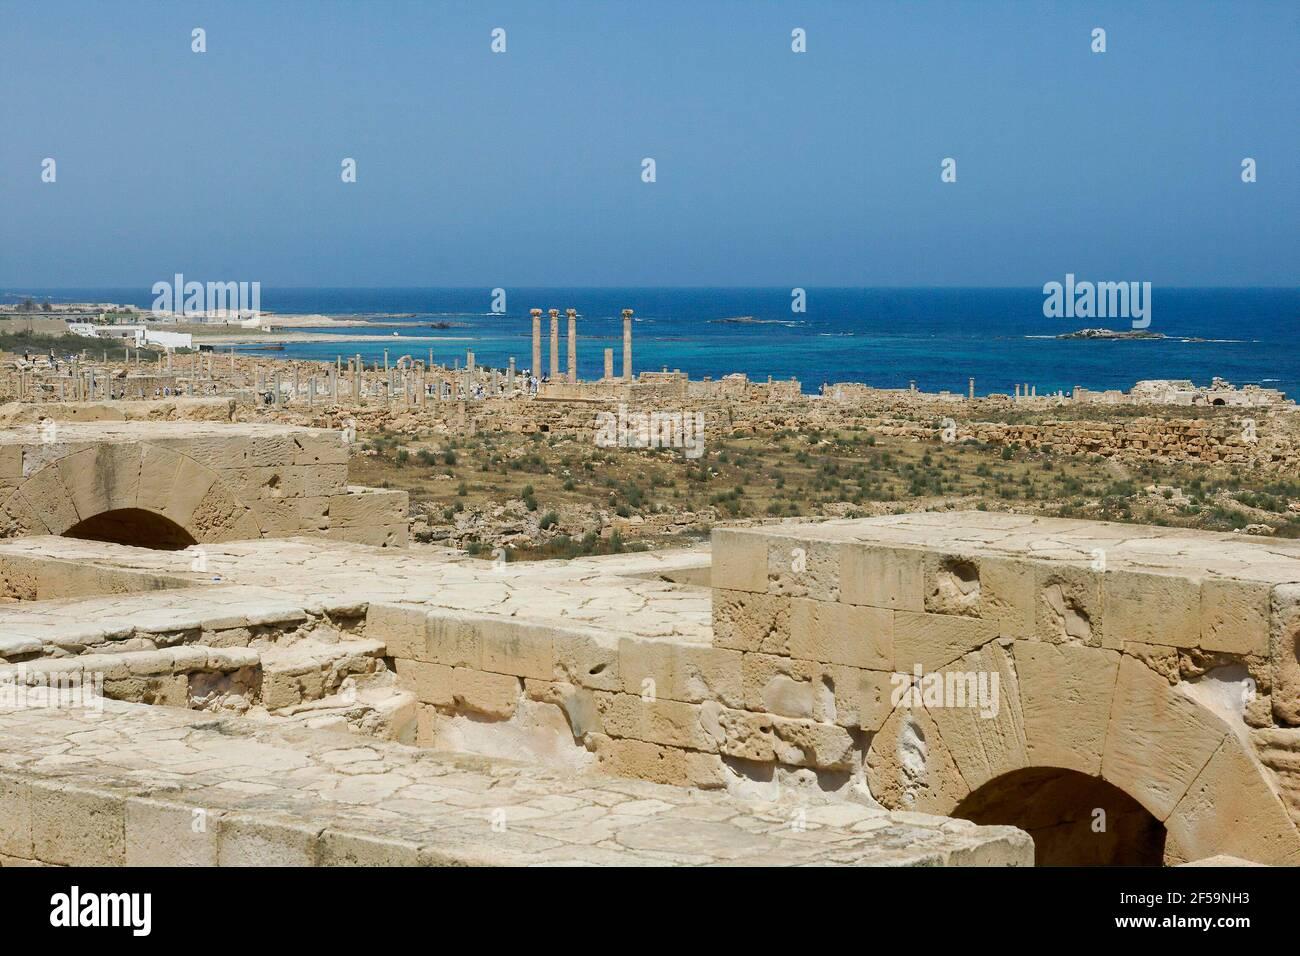 Vista a distanza del Tempio di Iside, rovine romane, Sabrata, Libia Foto Stock